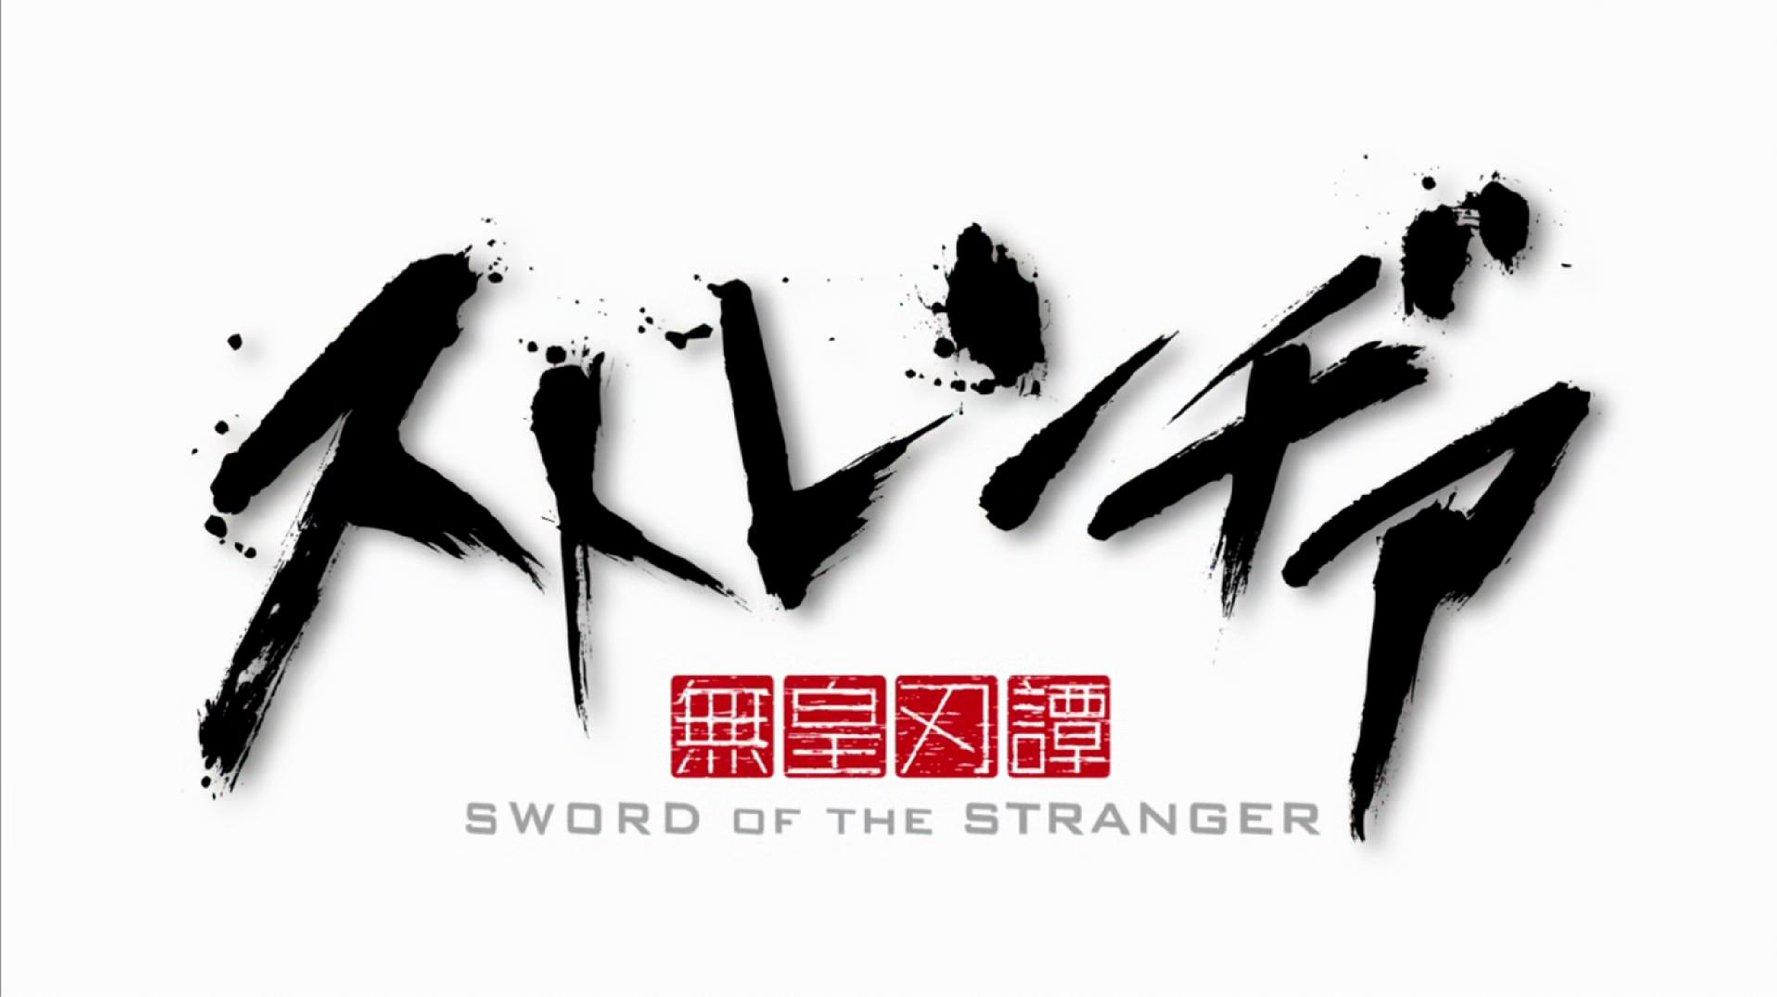 Sword Of The Stranger